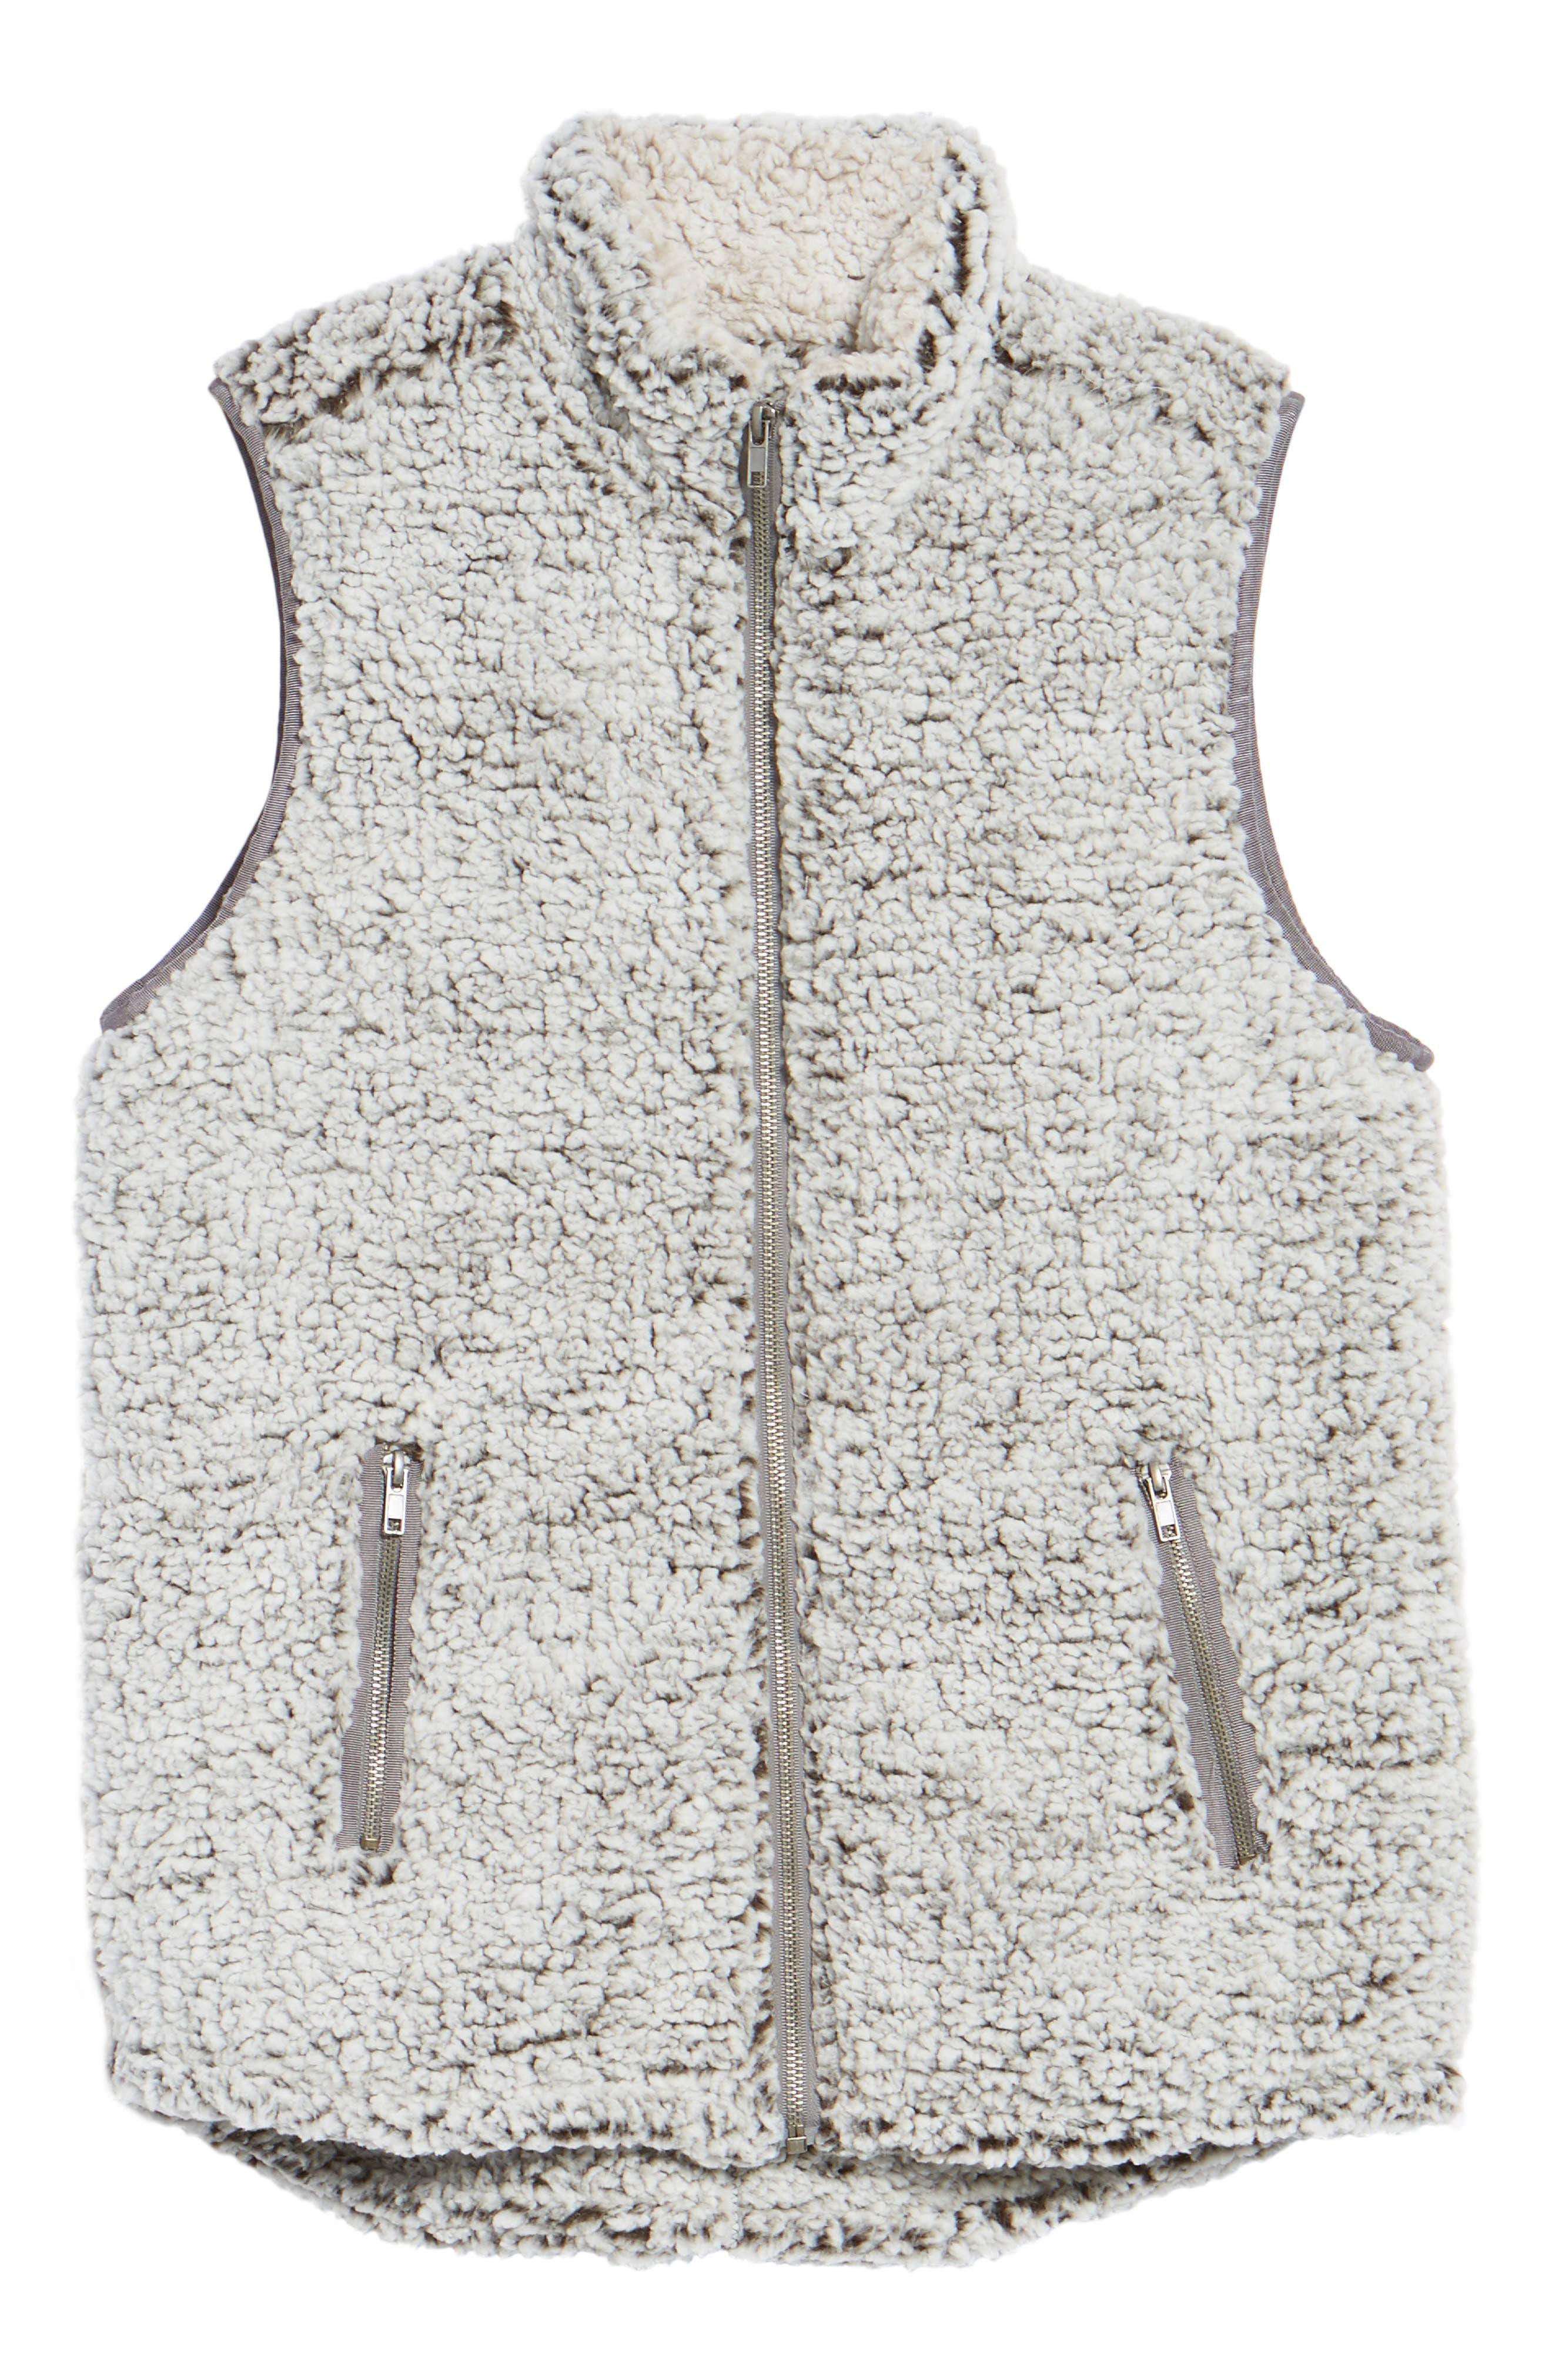 Arctic Fleece Vest,                             Alternate thumbnail 6, color,                             Charcoal